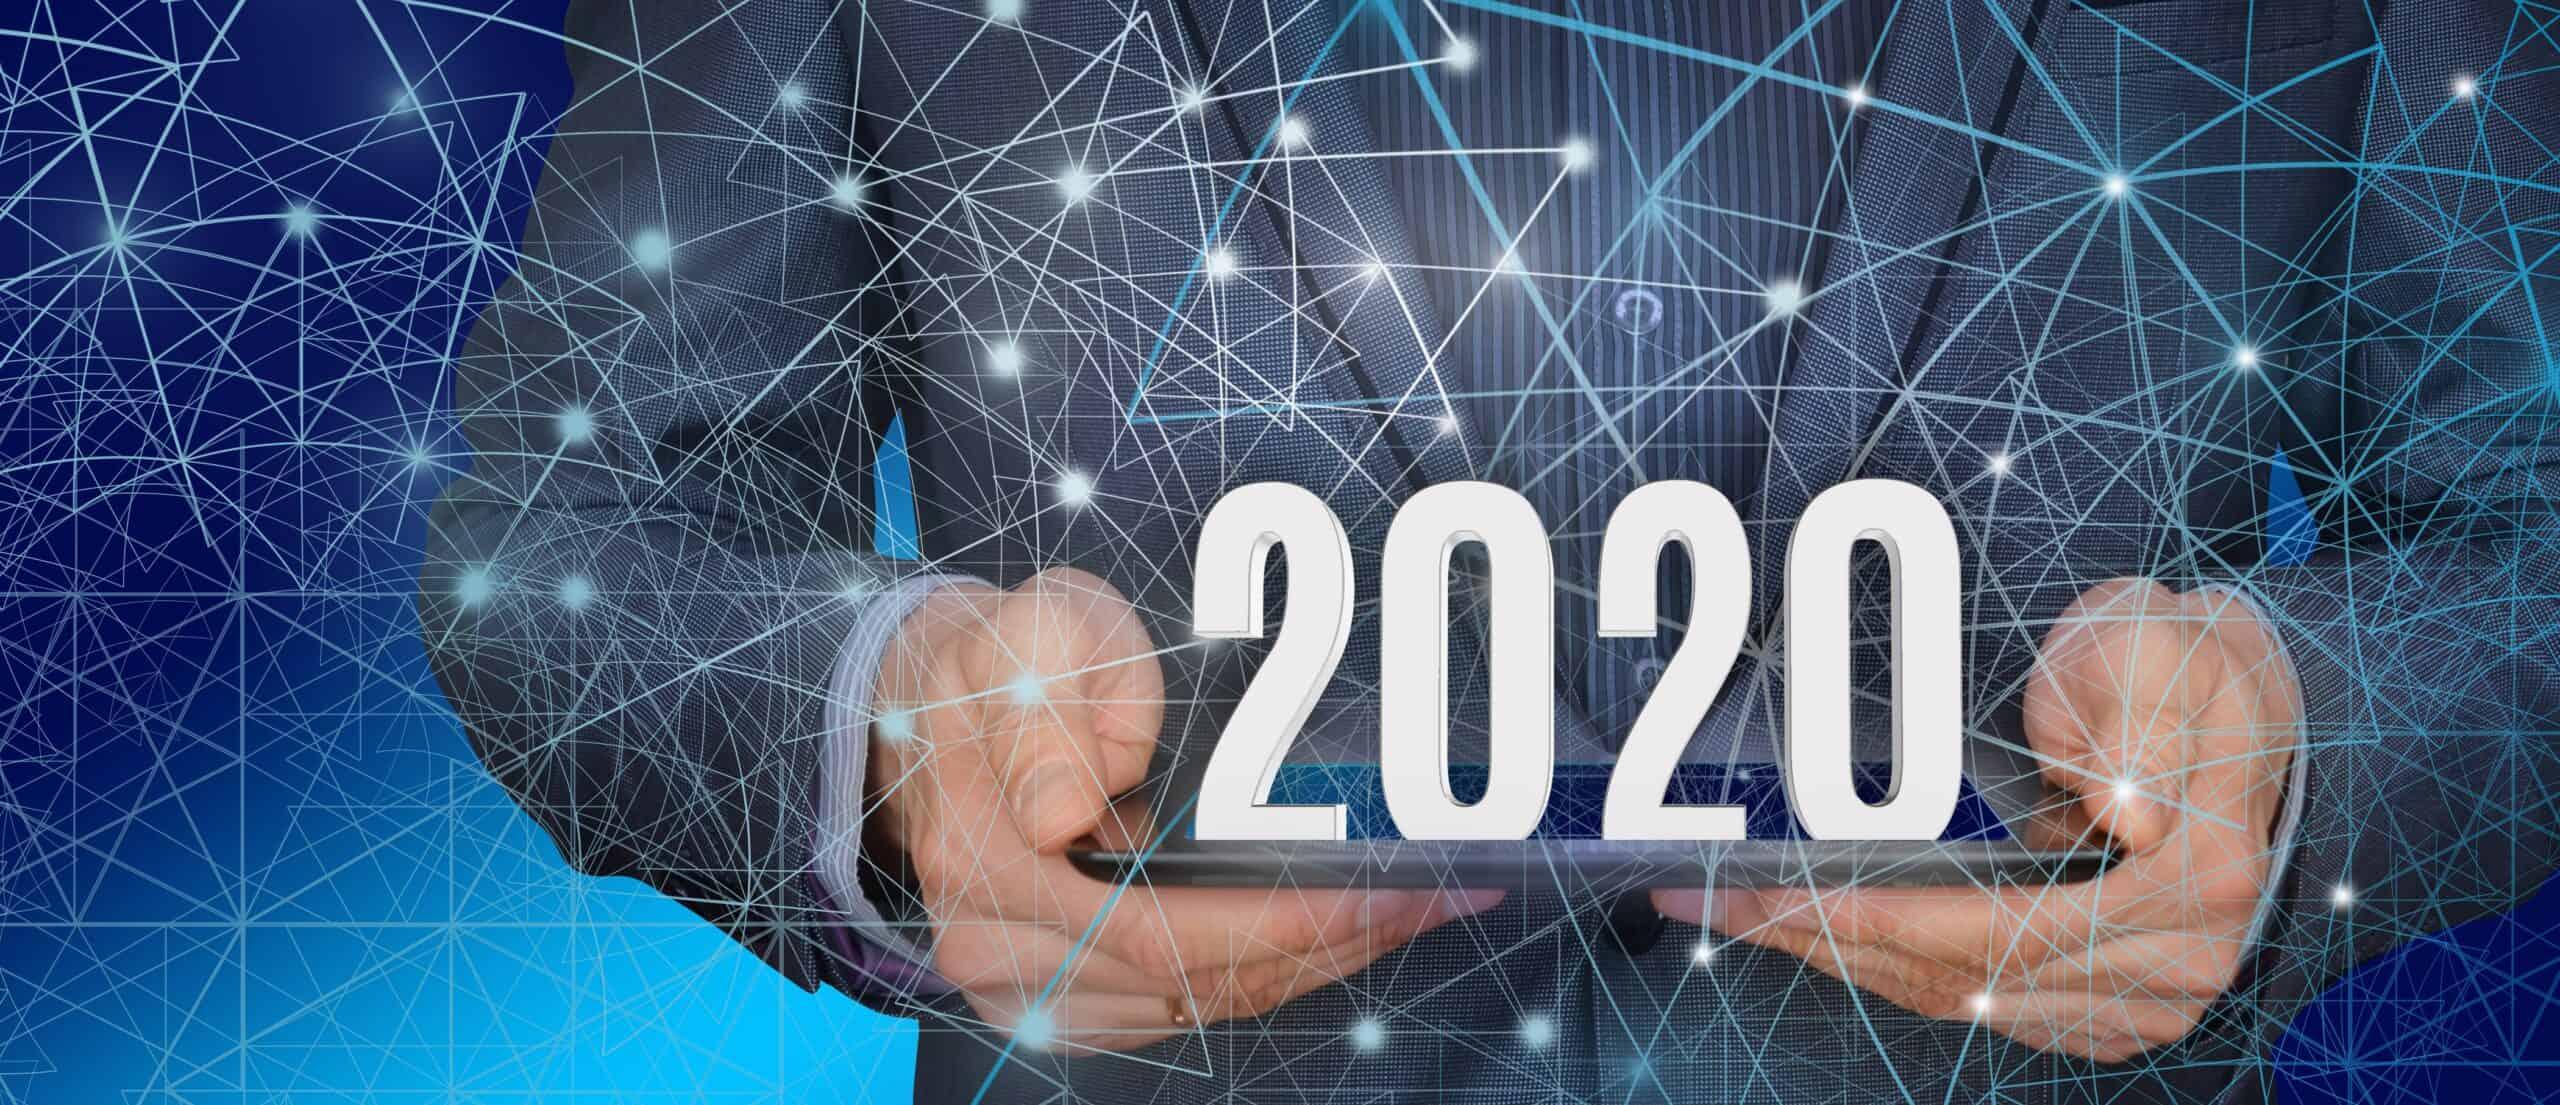 blogowe podsumowanie 2020 roku